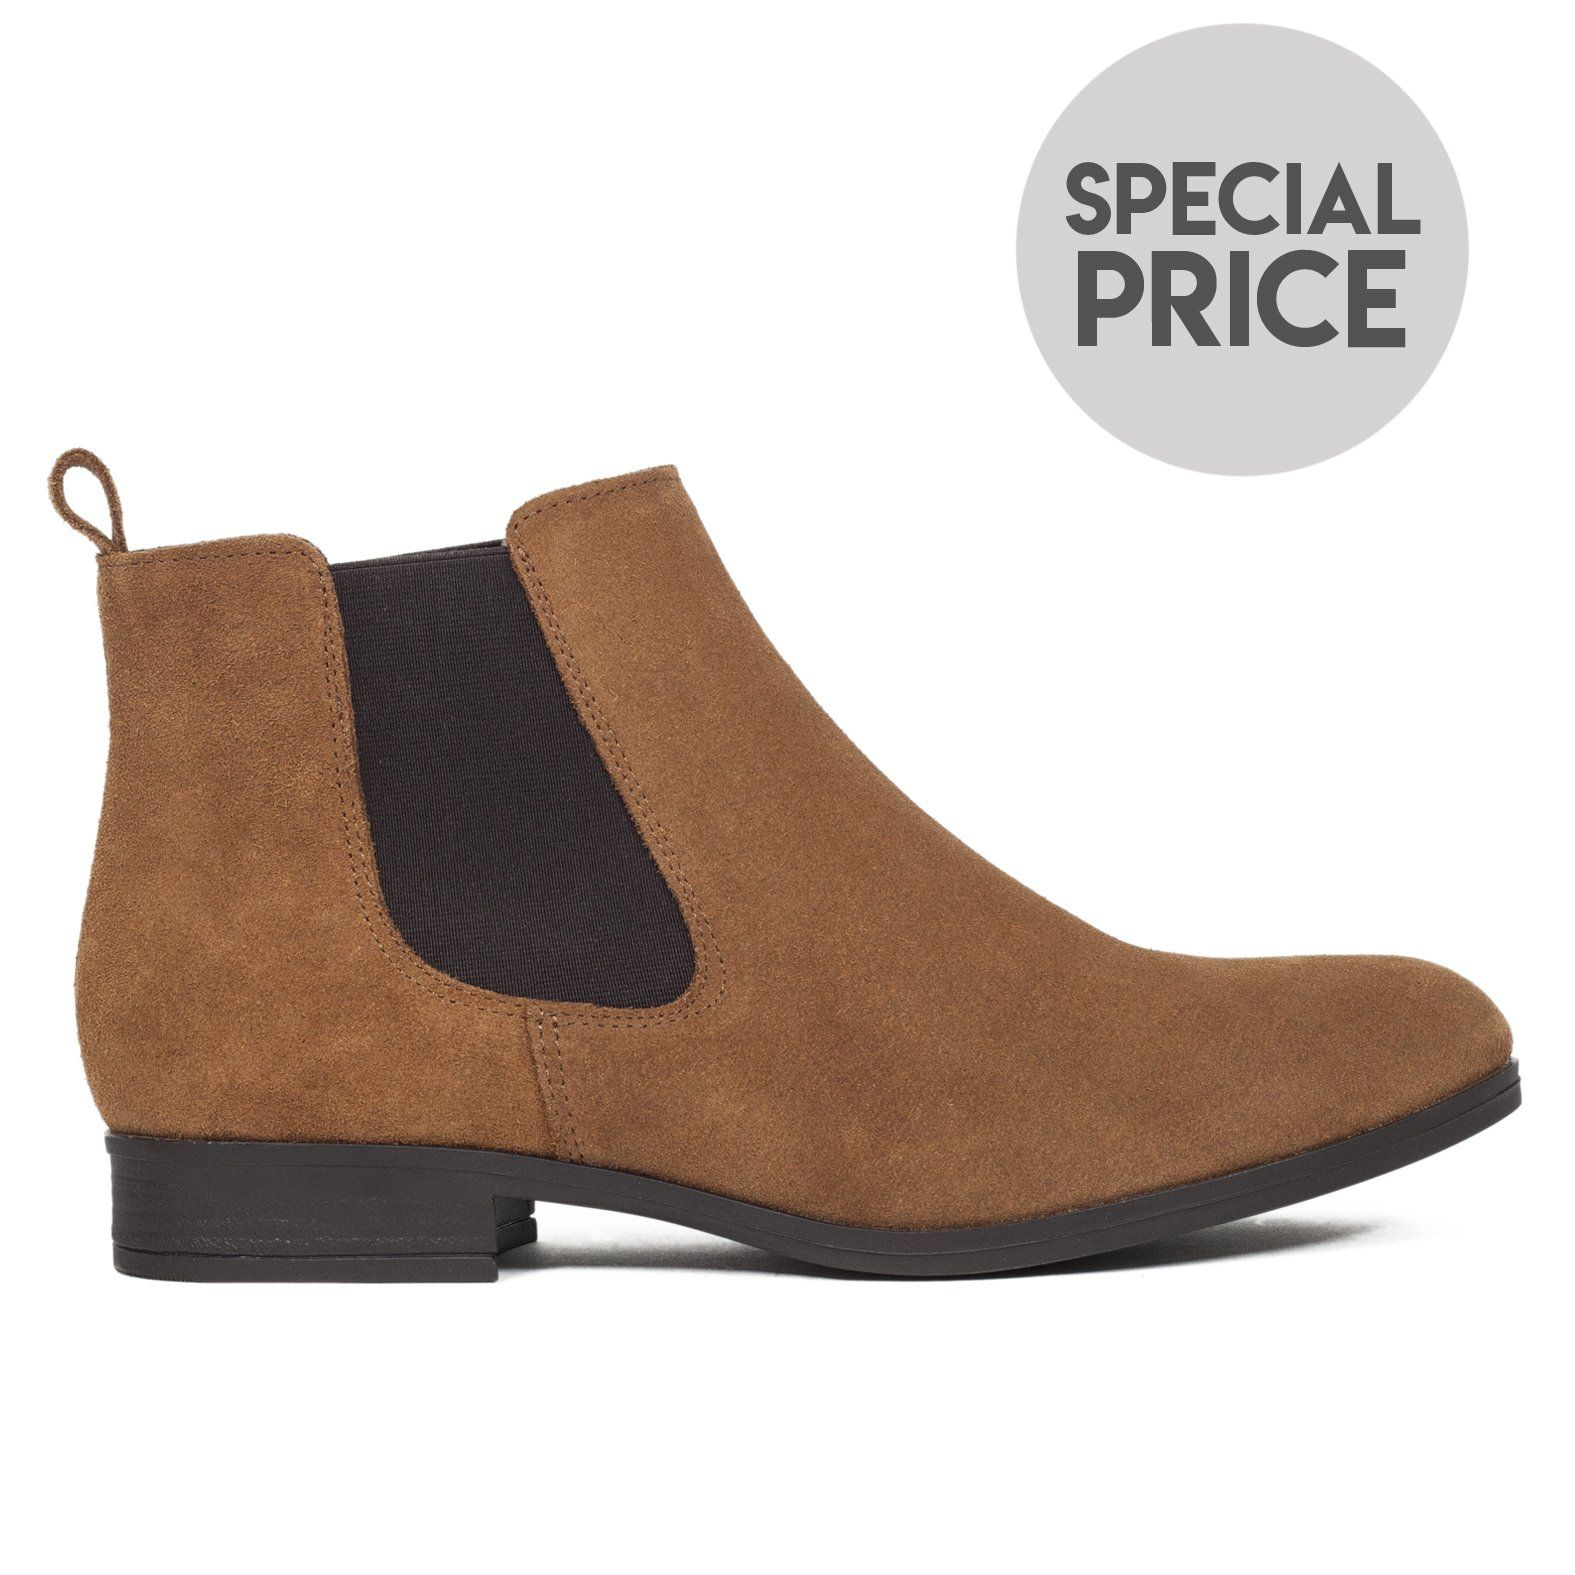 mitad de descuento bd9ad 019e8 CHELSEA - Botines planos mujer de piel CUERO in 2019 | Shoes ...